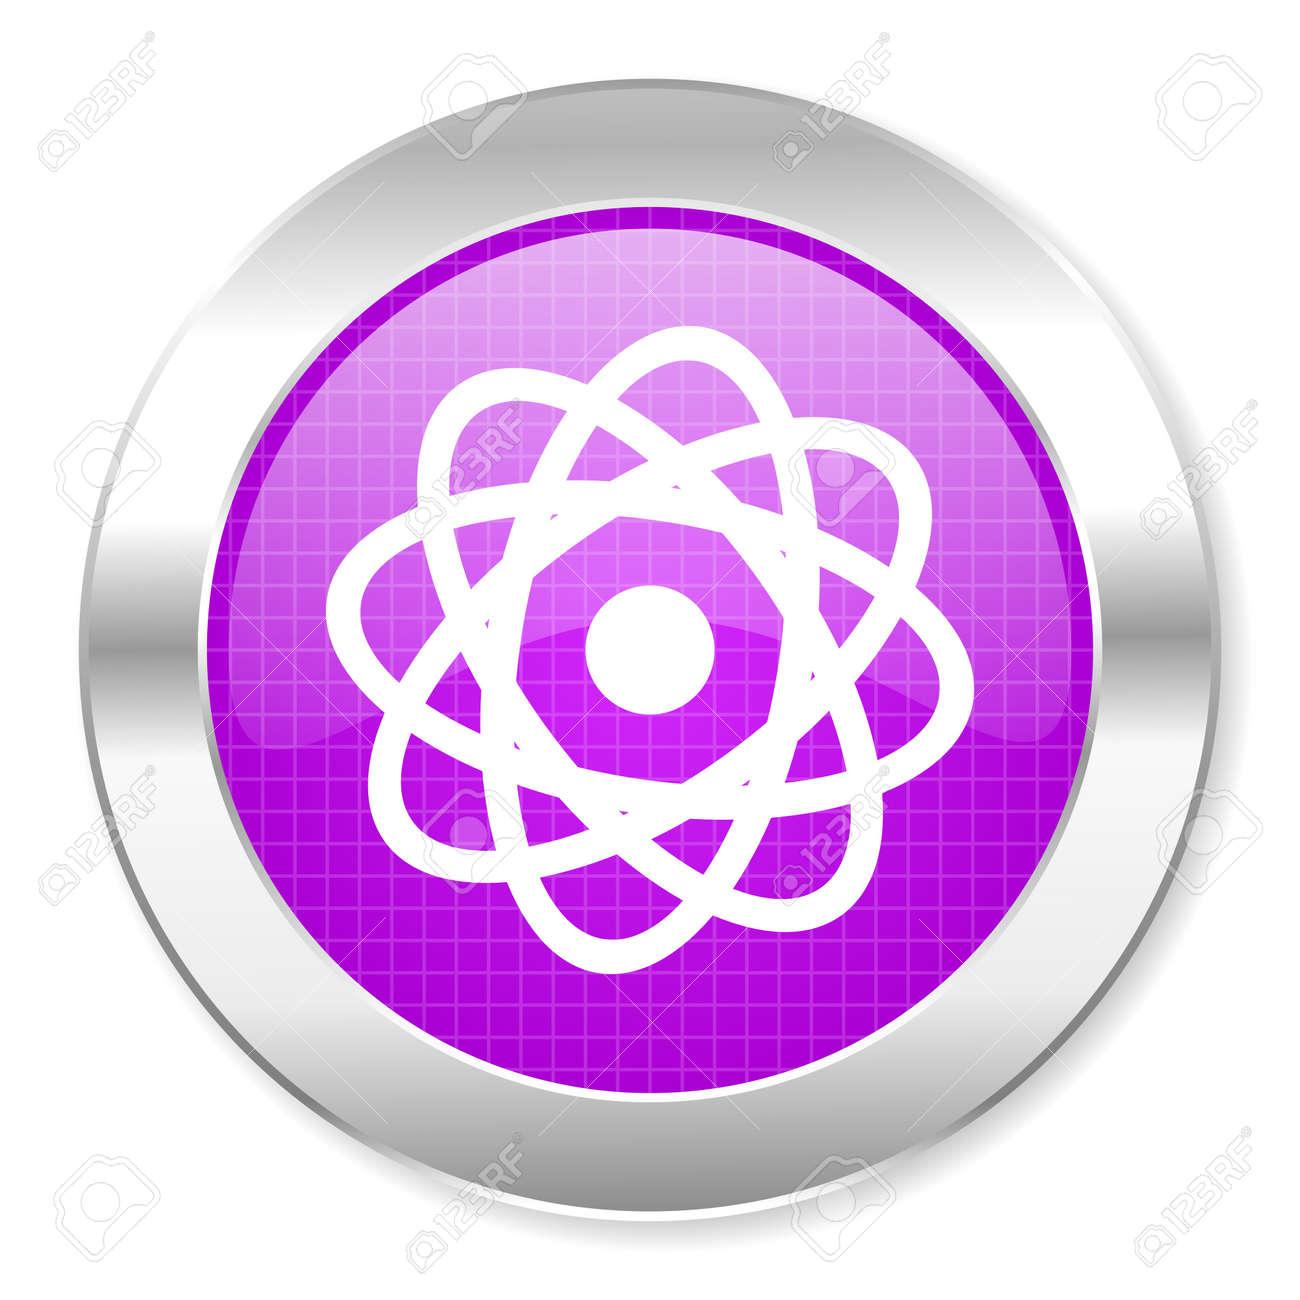 atom icon Stock Photo - 21862181